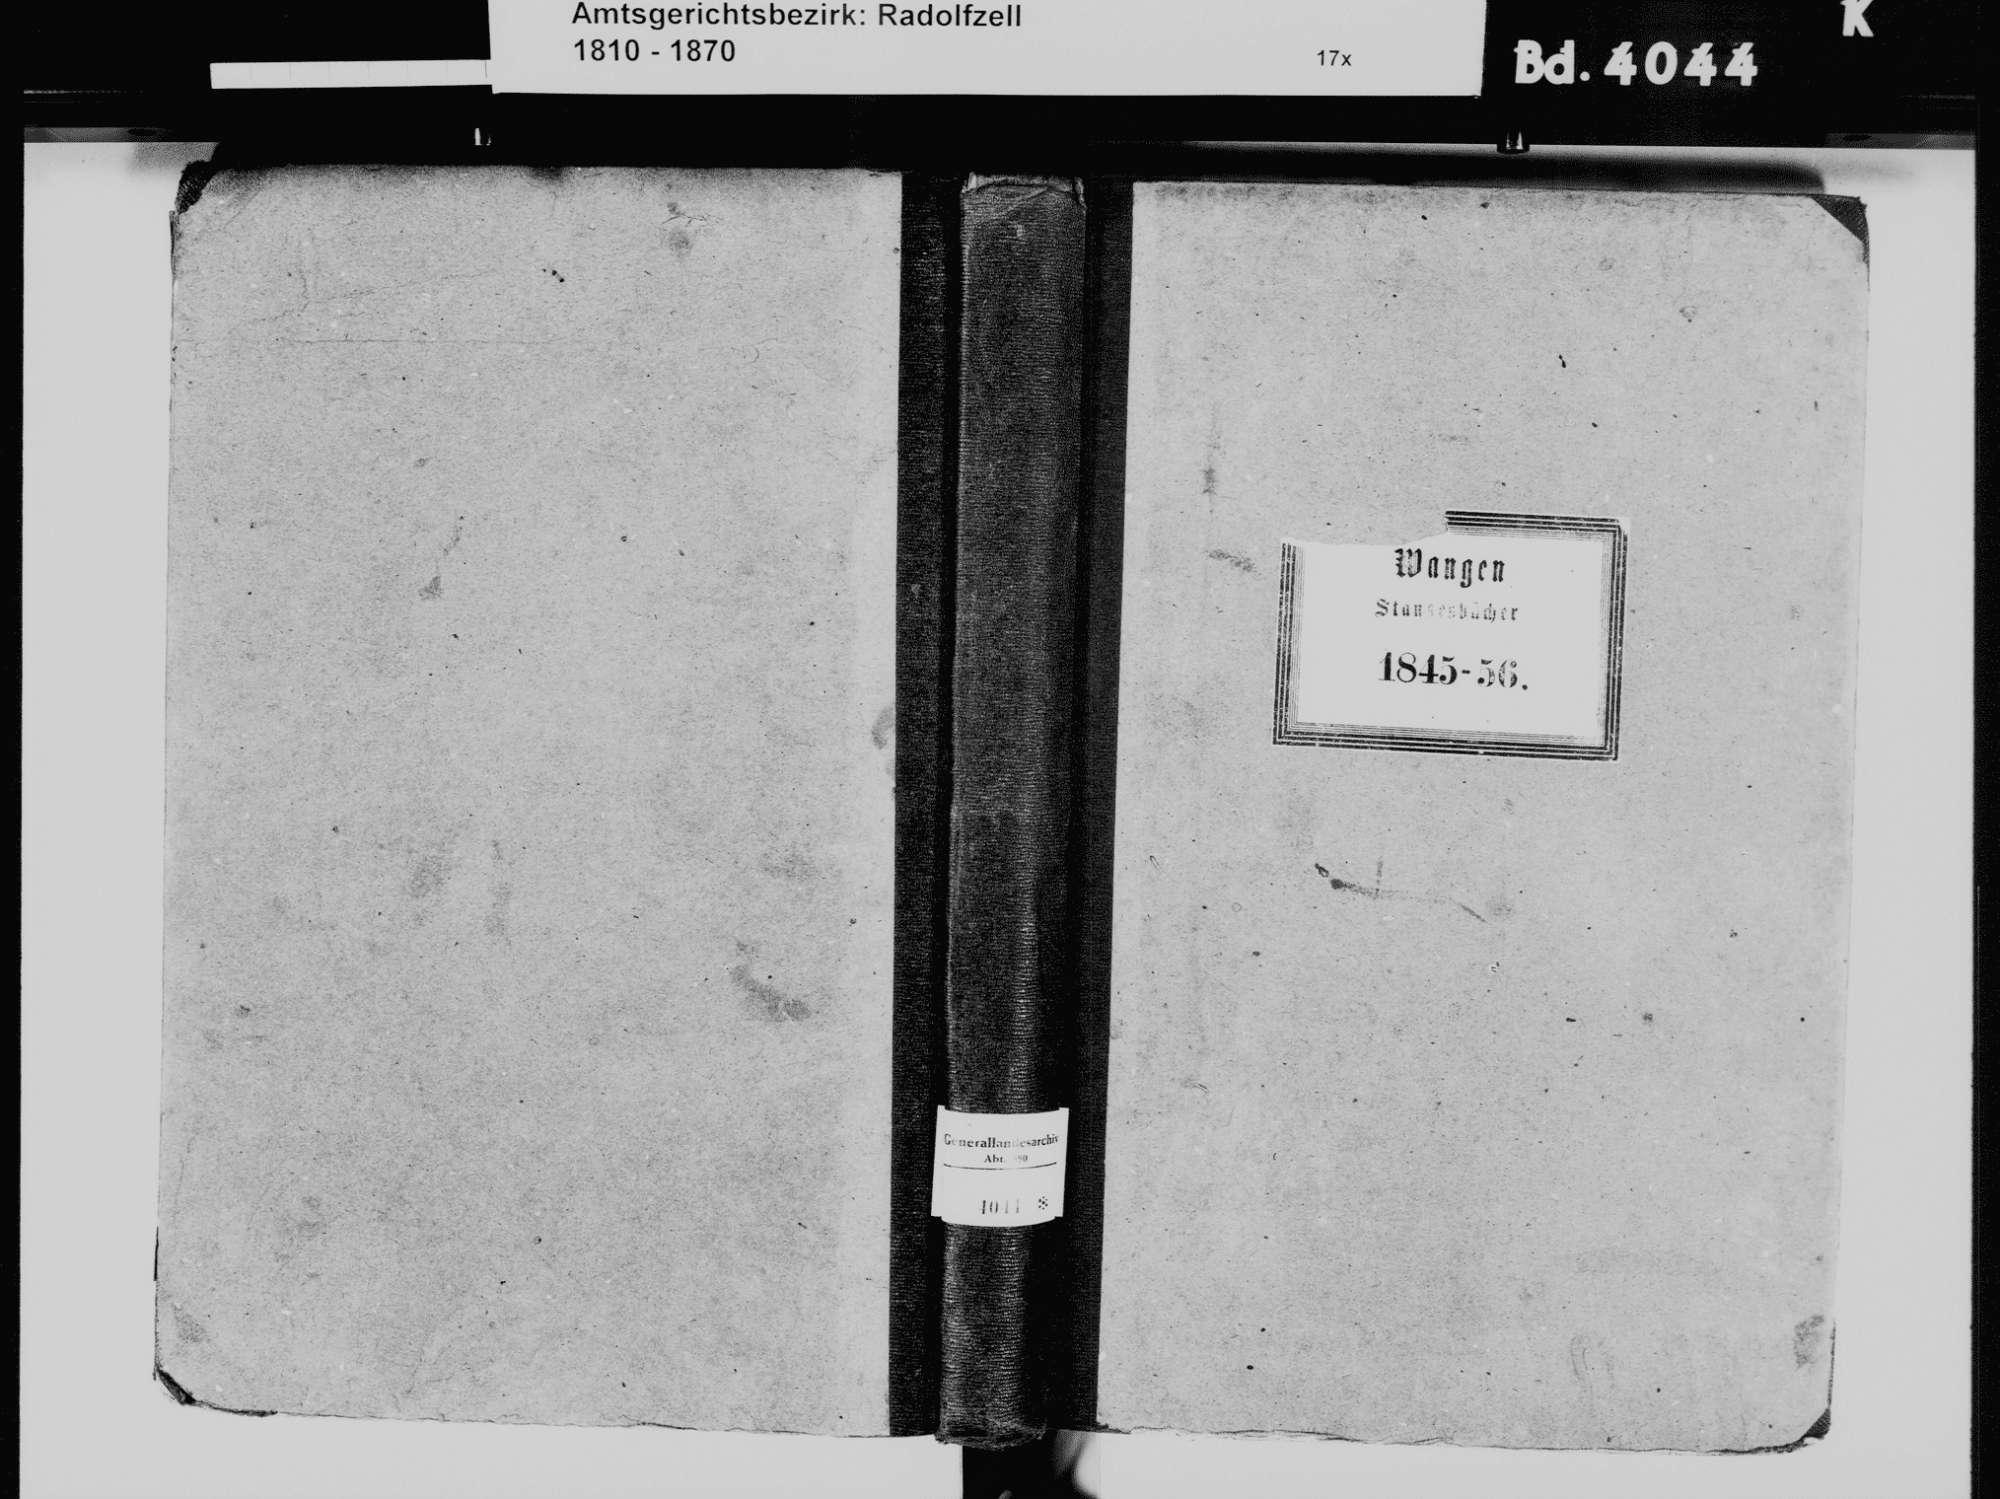 Wangen, Öhningen KN; Katholische Gemeinde: Standesbuch 1845-1856 Wangen, Öhningen KN; Evangelische Gemeinde: Standesbuch 1845-1856, Bild 2